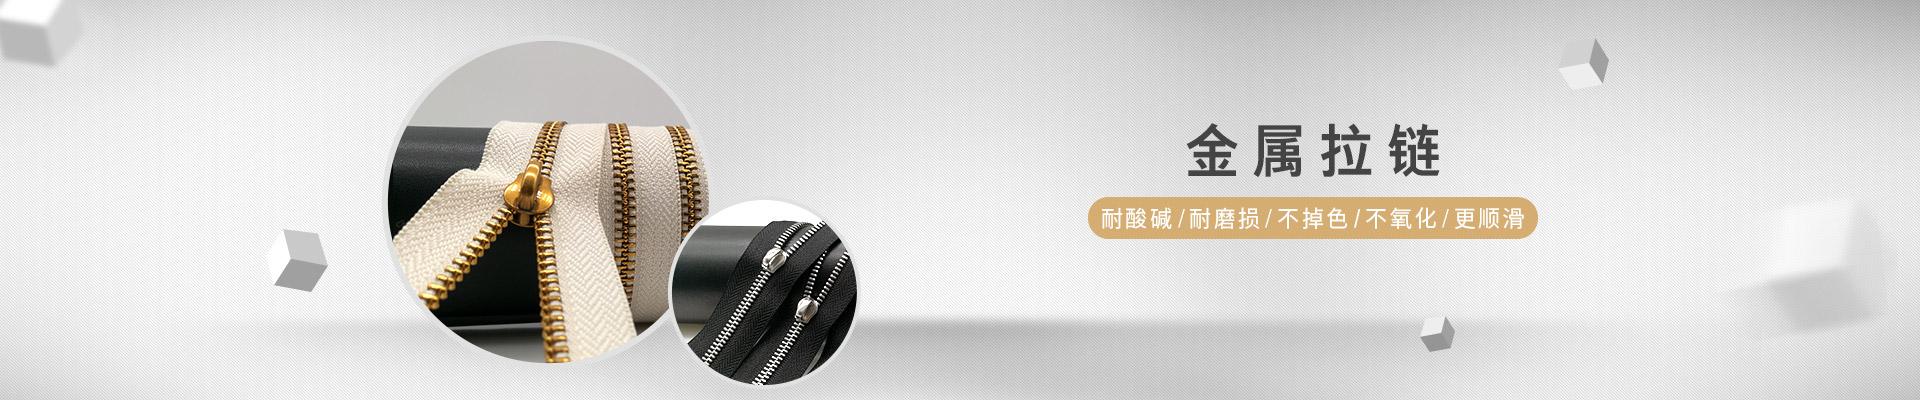 联掌金属拉链-耐酸碱 / 耐磨损 / 不掉色 / 不氧化  / 更顺滑